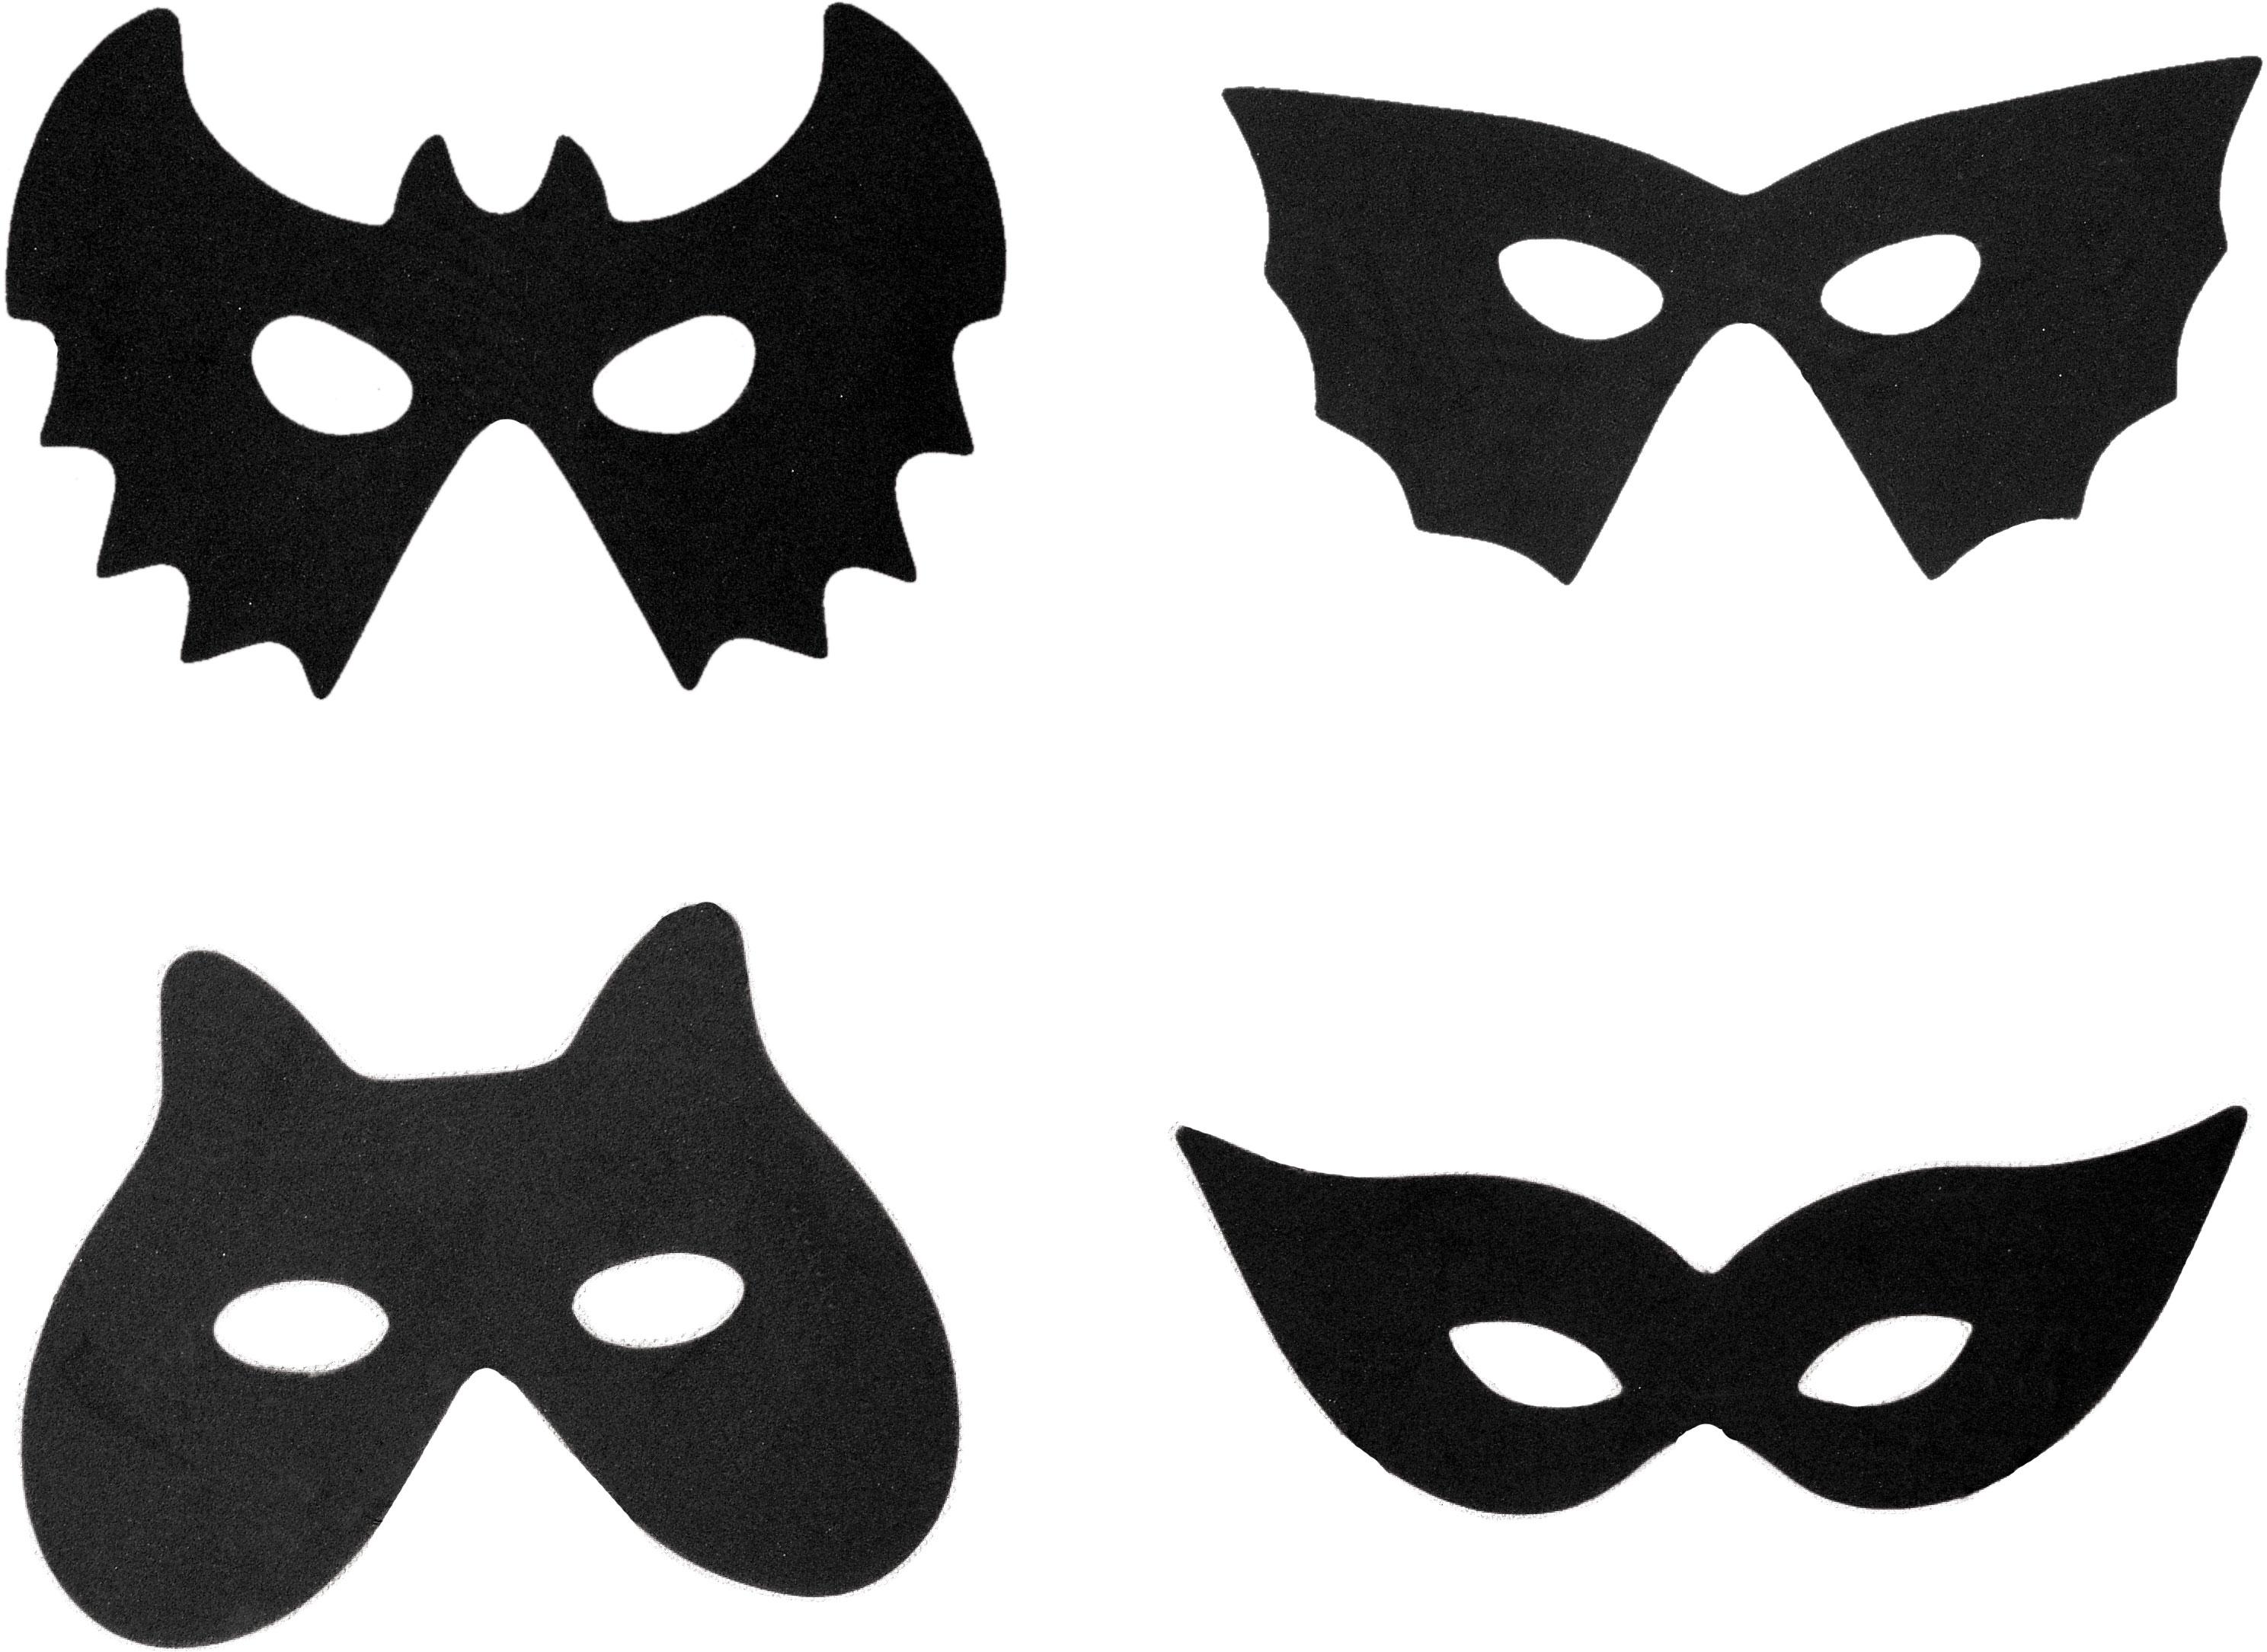 Жуткие маски для мрачного Хэллоуина. Мастер-класс и видео